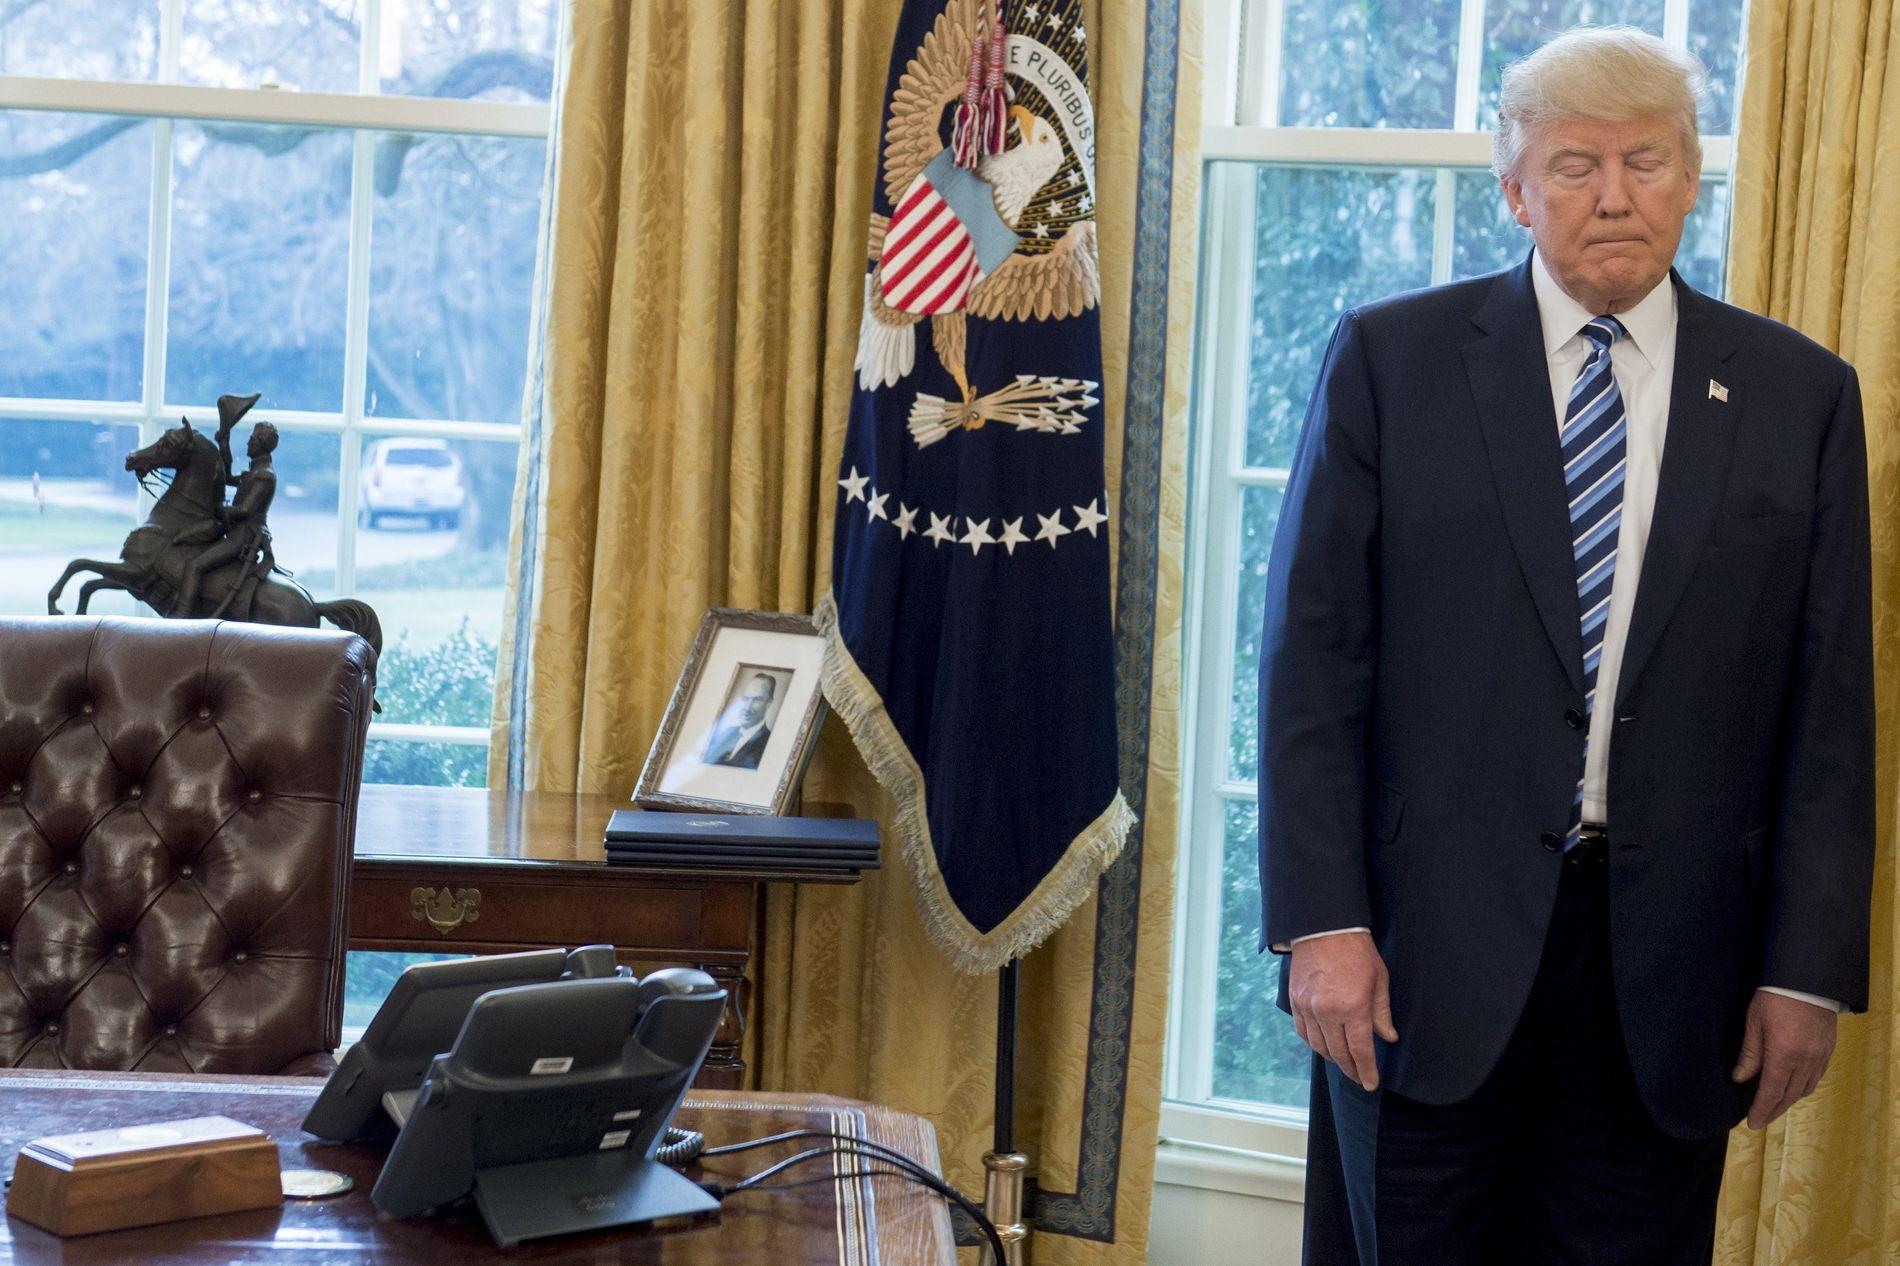 TØFFE UKER: Bare uker etter at Donald Trump inntok Det ovale kontor, mener spillselskapene det er store sjanser for at han ikke blir sittende ut perioden. Foto: AFP